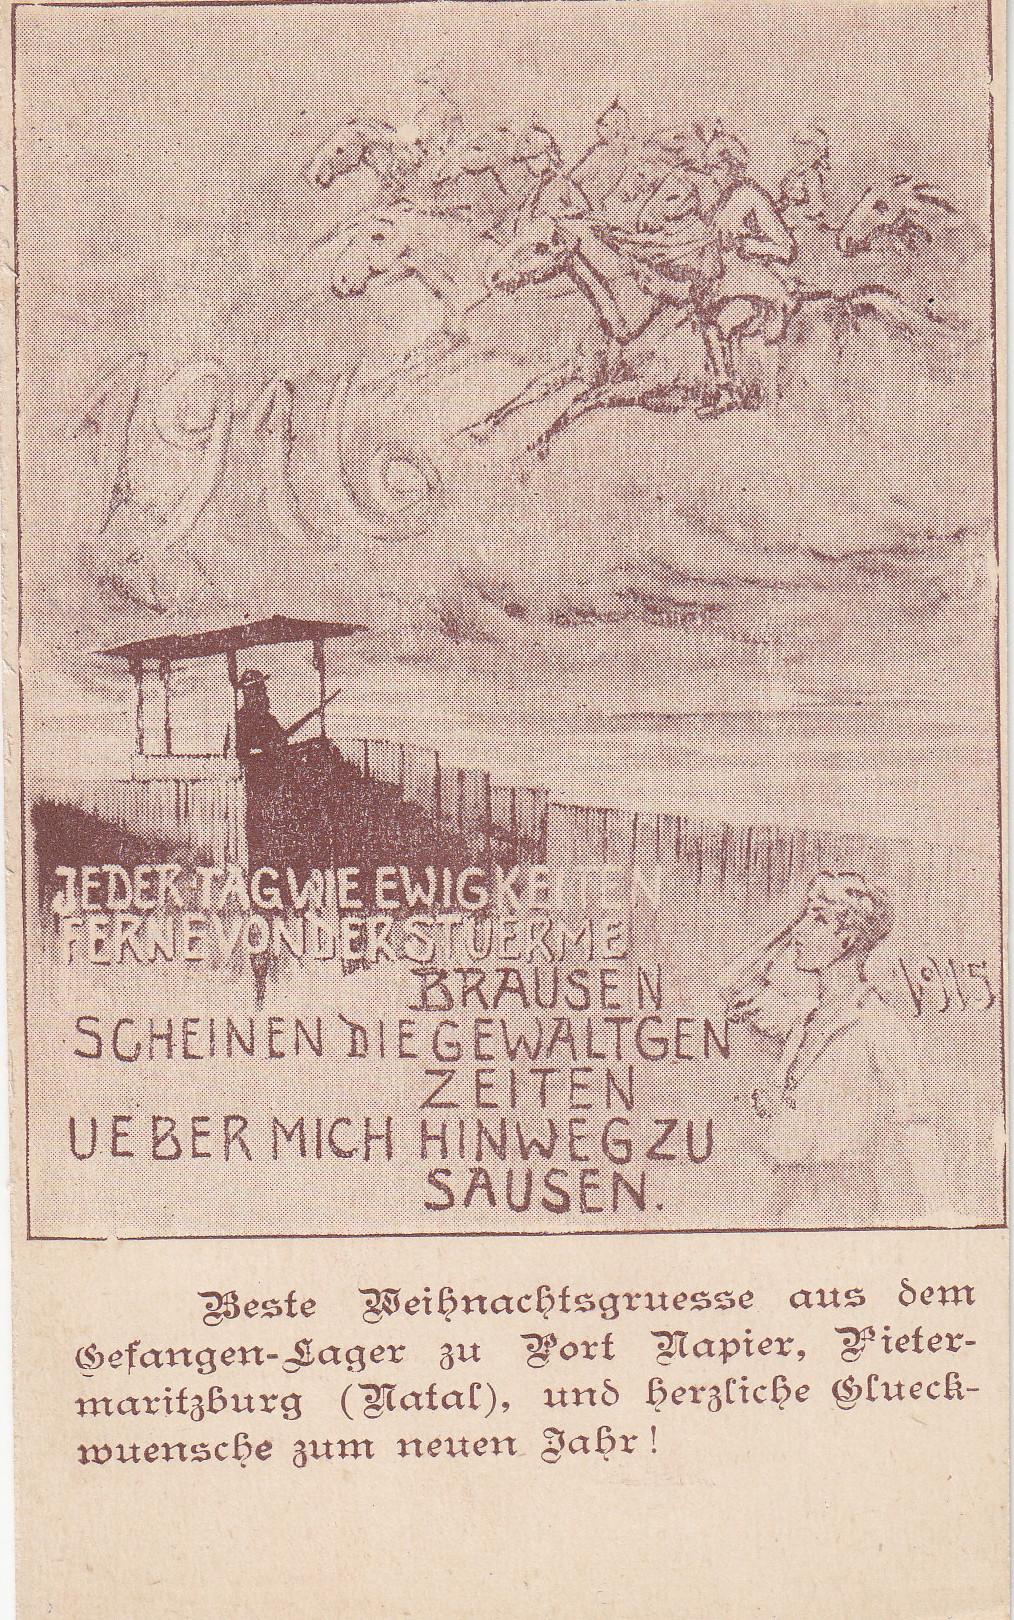 Weihnachtsgrüße aus Fort Napier 1915